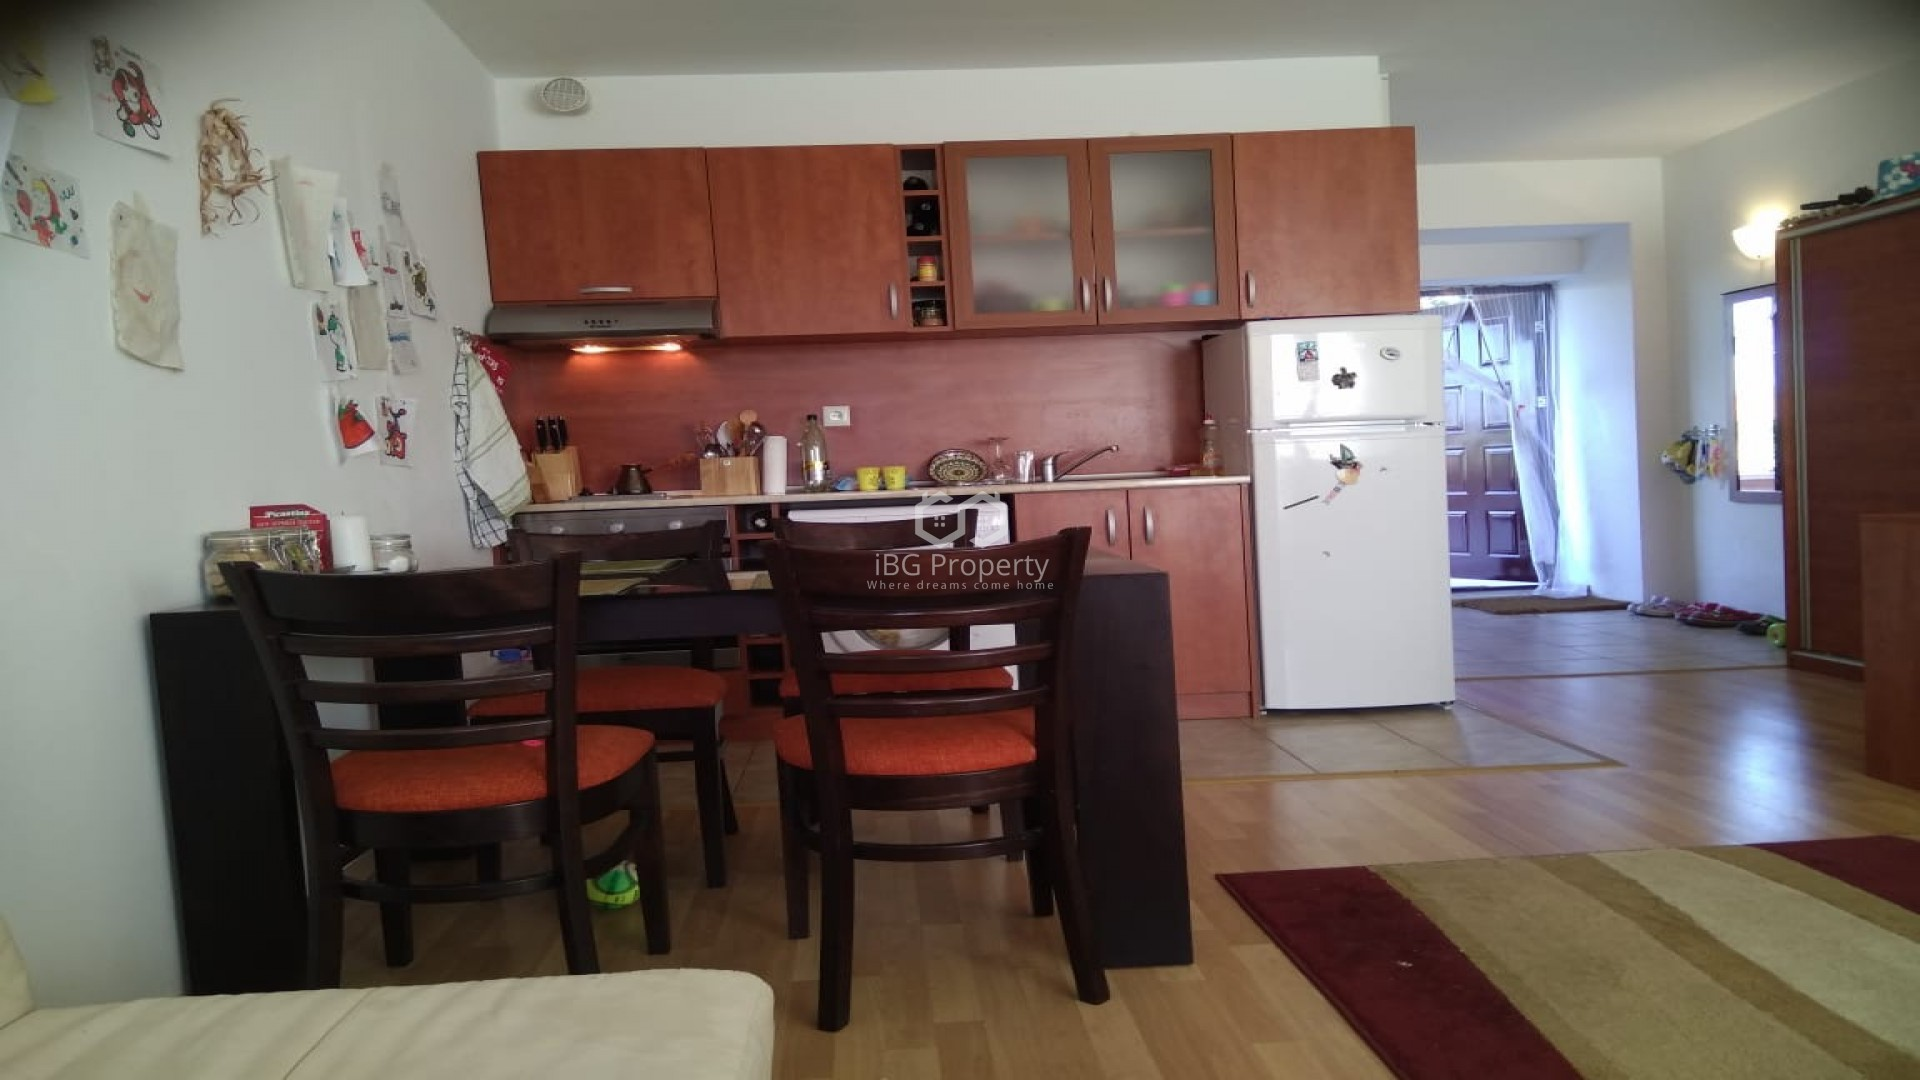 EXKLUSIVES ANGEBOT! Einzimmerwohnung in Bjala 55 m2